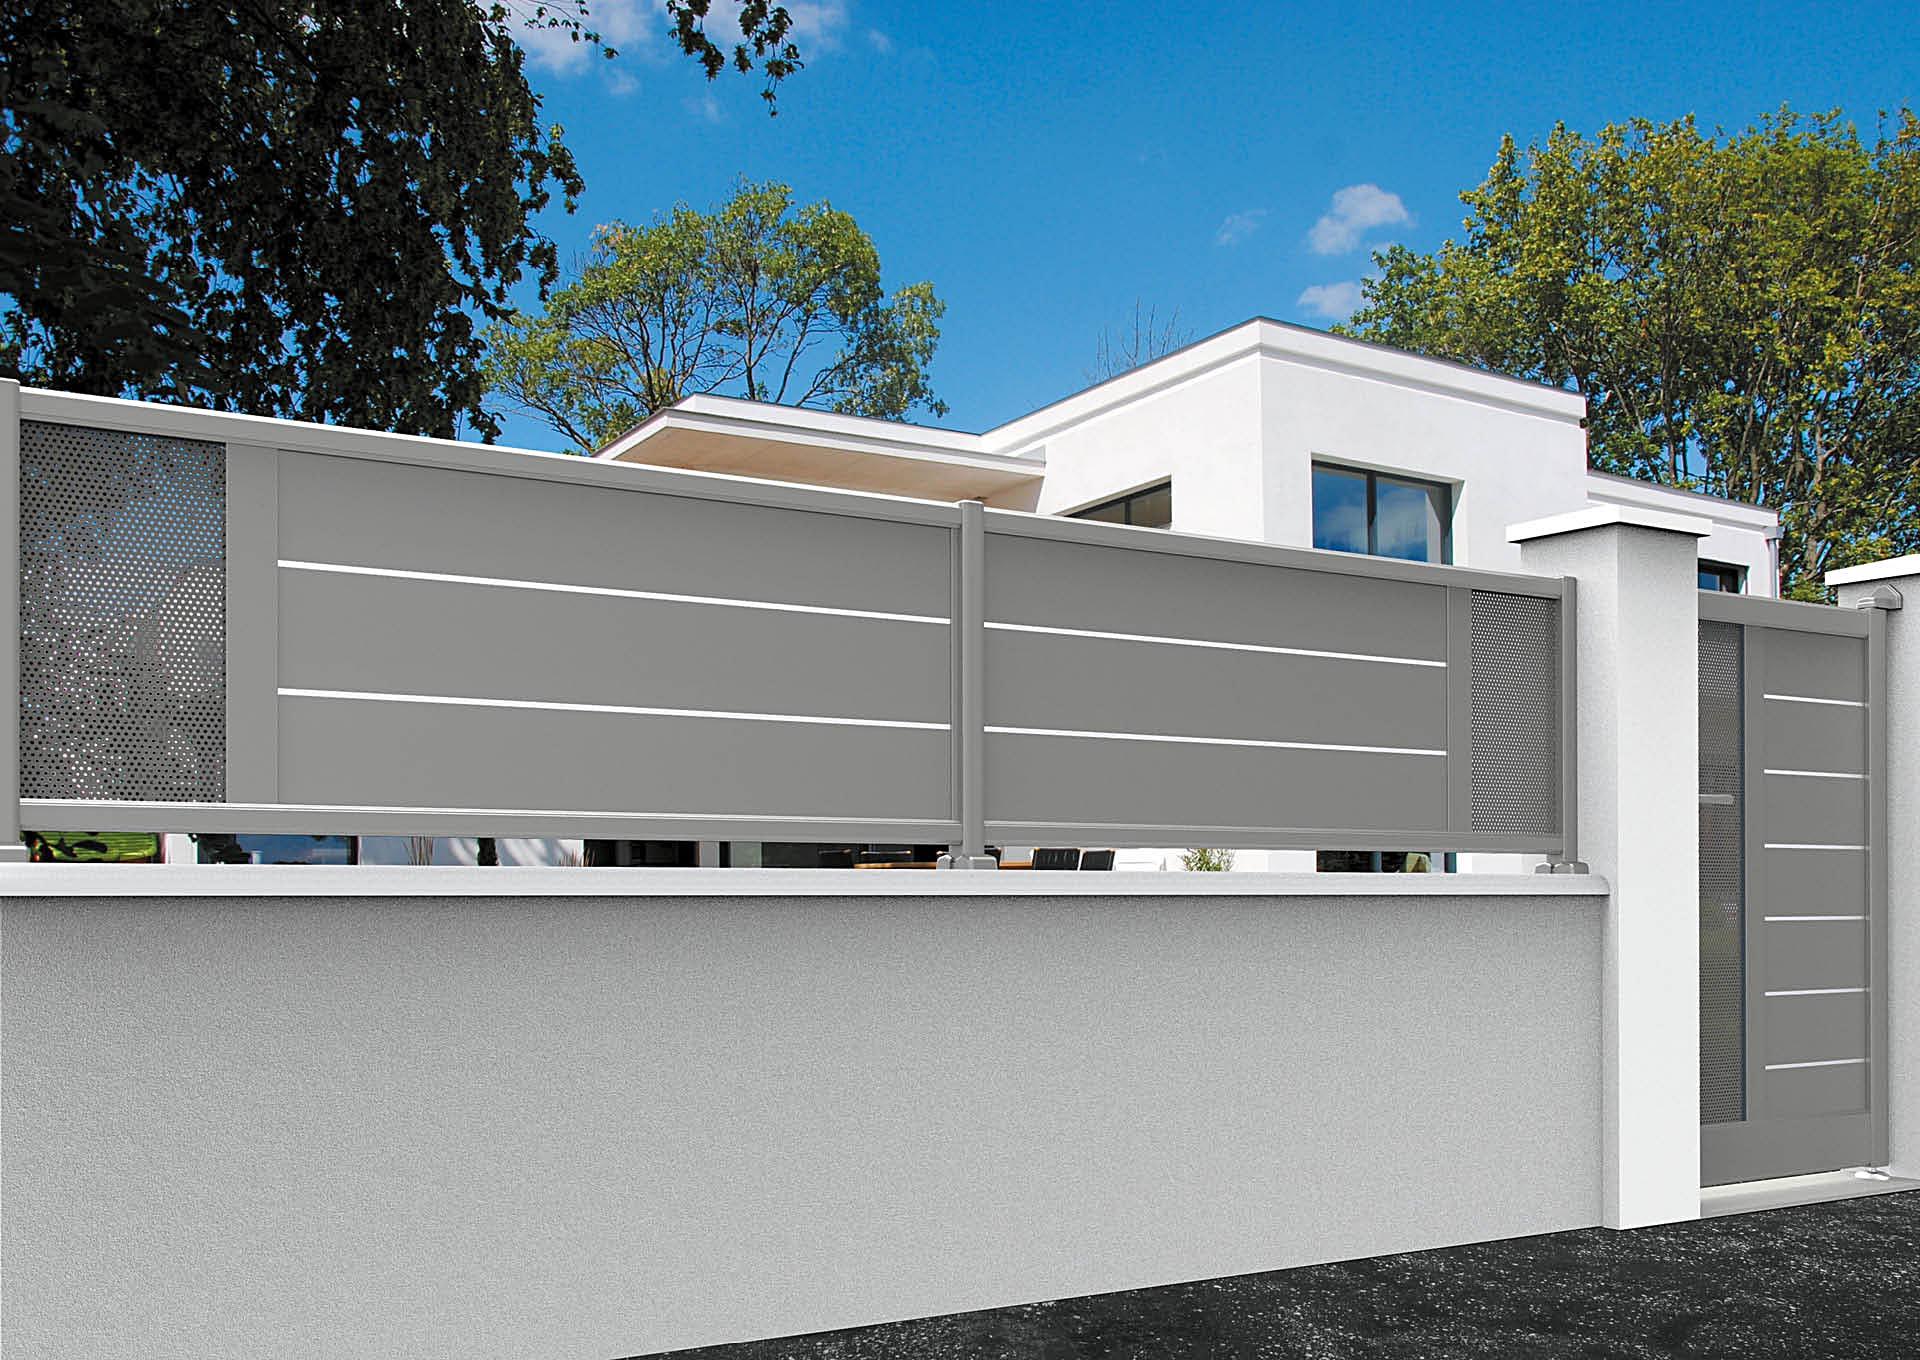 Clôture en aluminium 9013_CL_S2TP Clôtures lames horizontales 200mm et liserés + décor tôle perforée